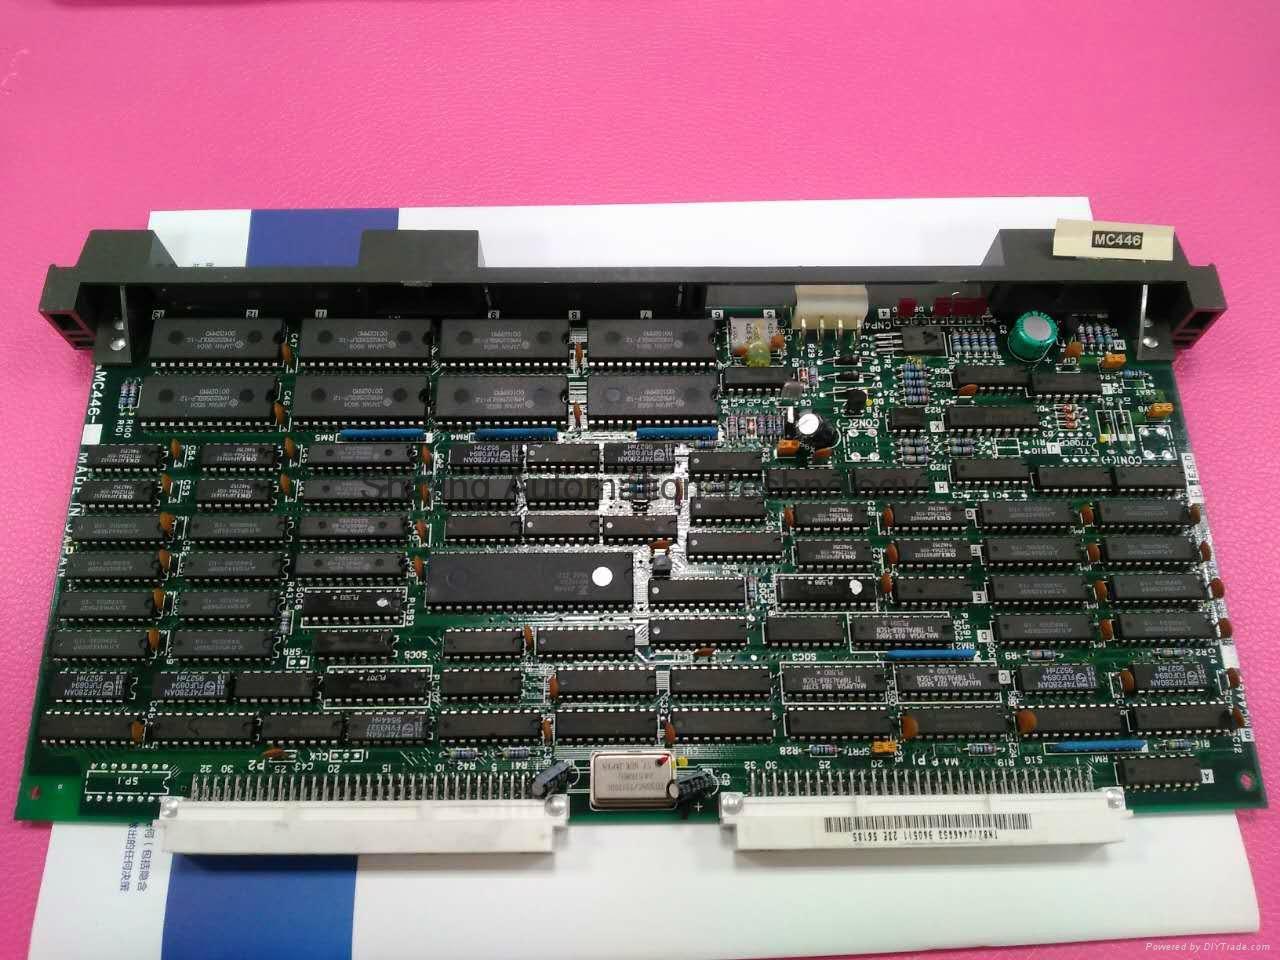 MC446,Mitsubishi PCB board,new and original 2